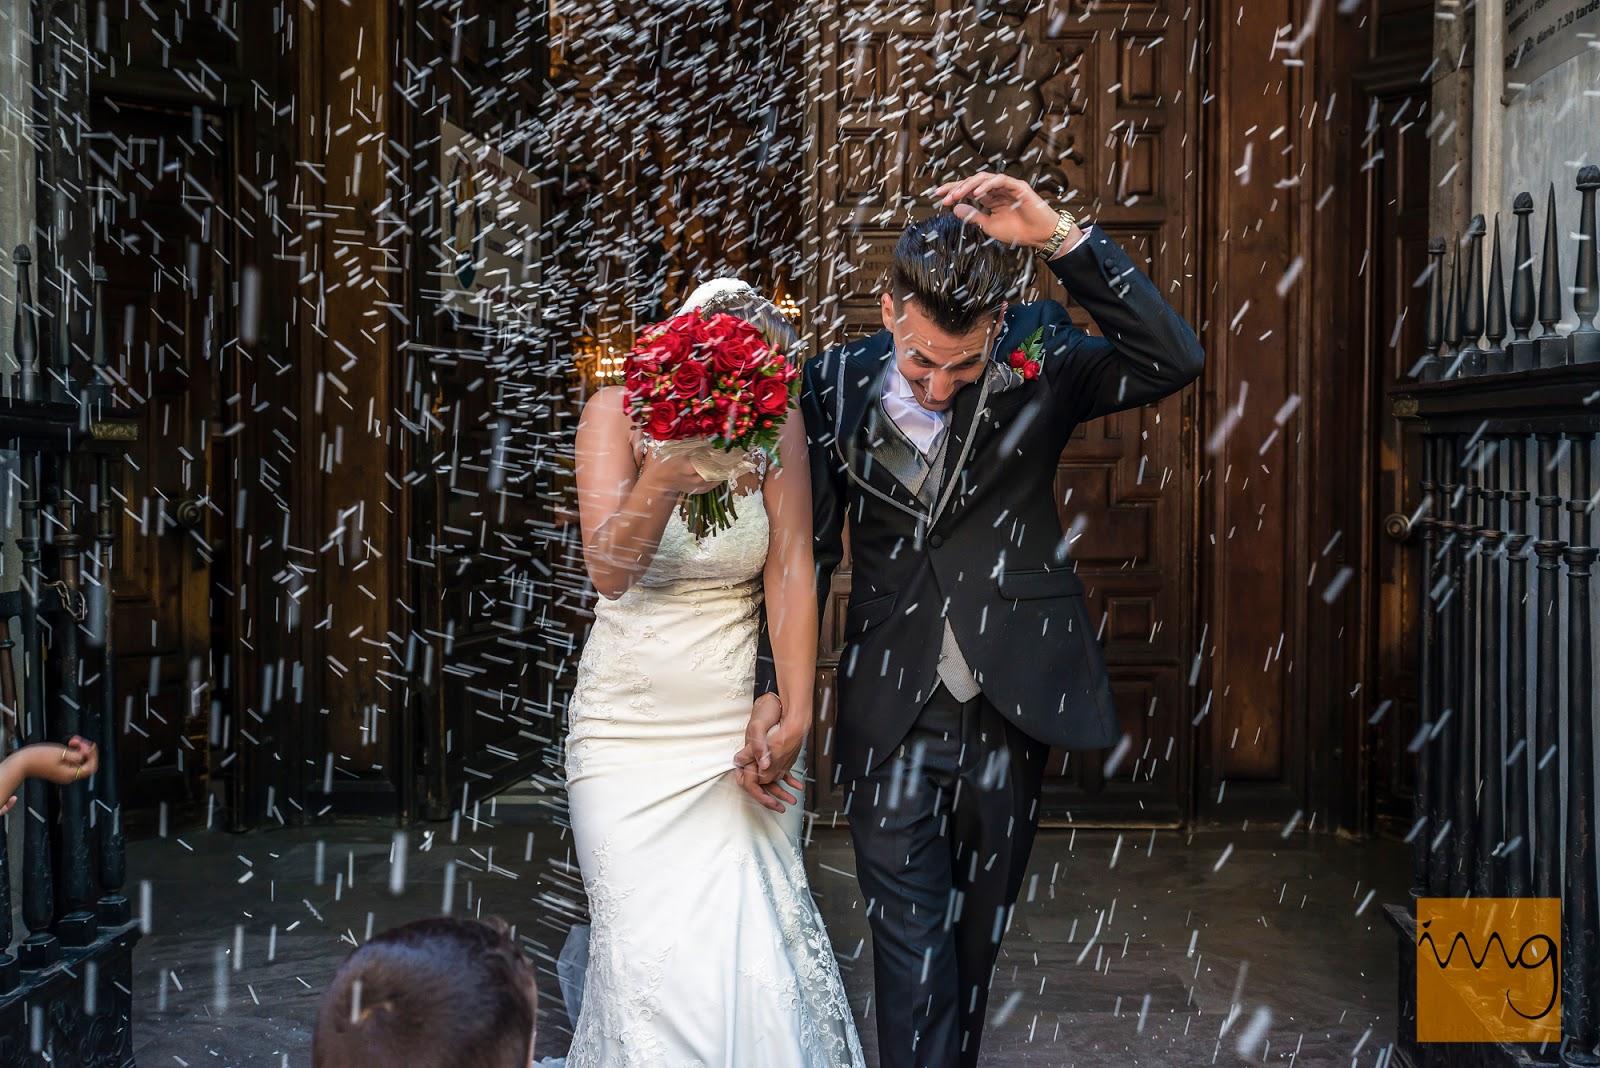 Fotografía de los novios con la lluvia de arroz el día de su boda.